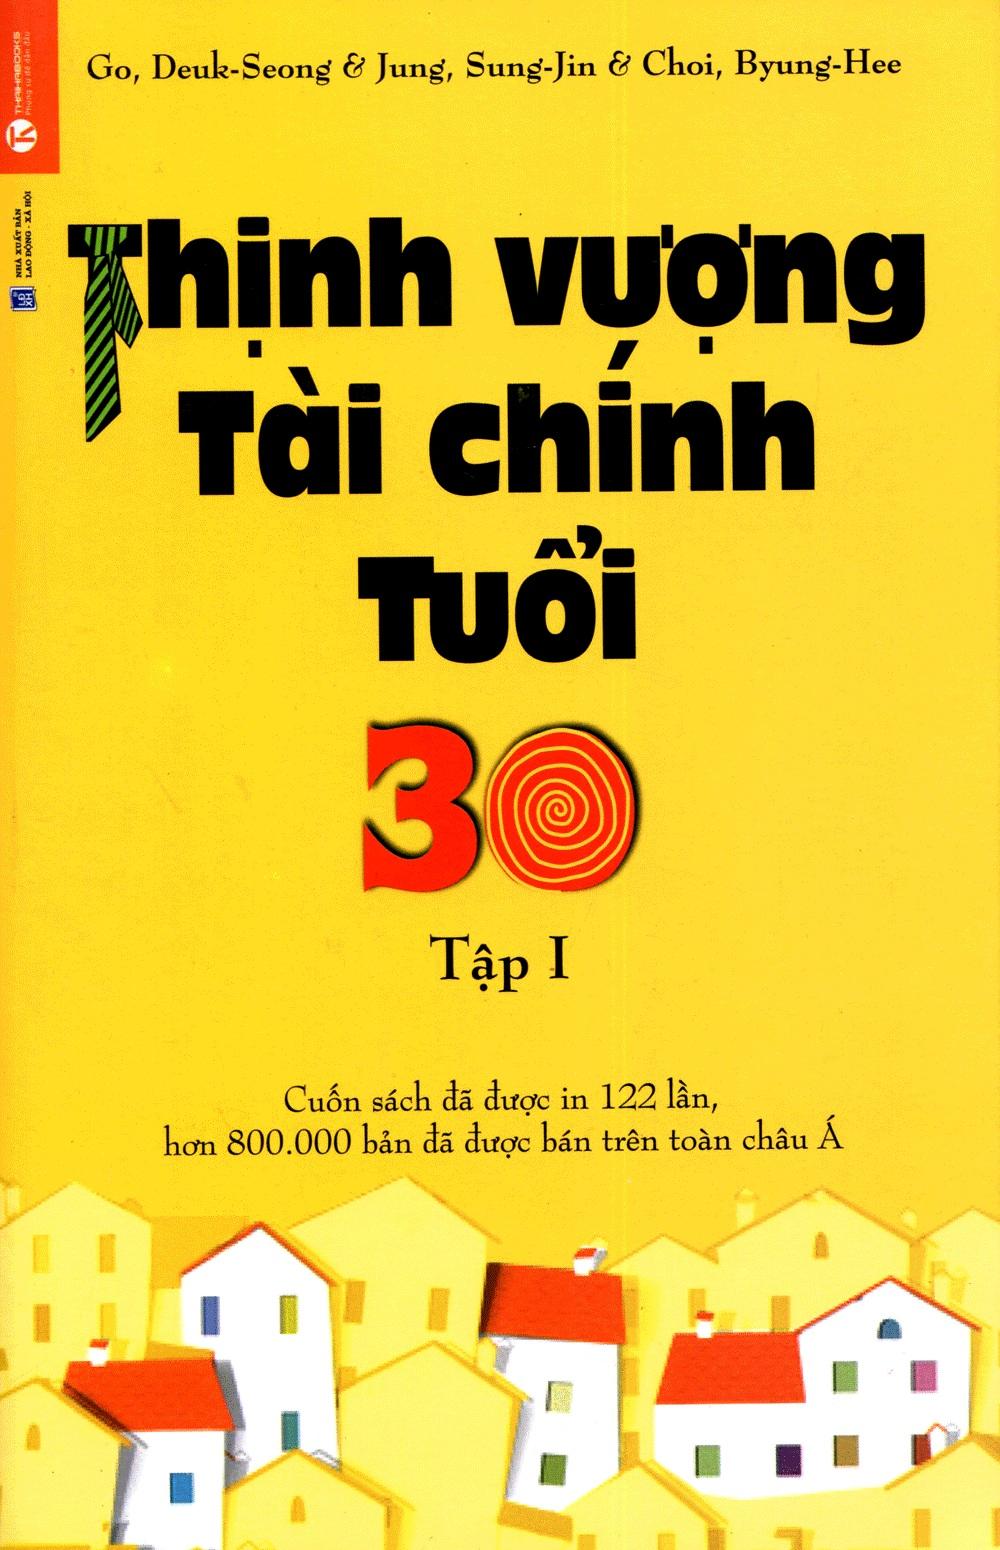 Thịnh Vượng Tài Chính Tuổi 30 - 8936037793795,62_36796,79000,tiki.vn,Thinh-Vuong-Tai-Chinh-Tuoi-30-62_36796,Thịnh Vượng Tài Chính Tuổi 30